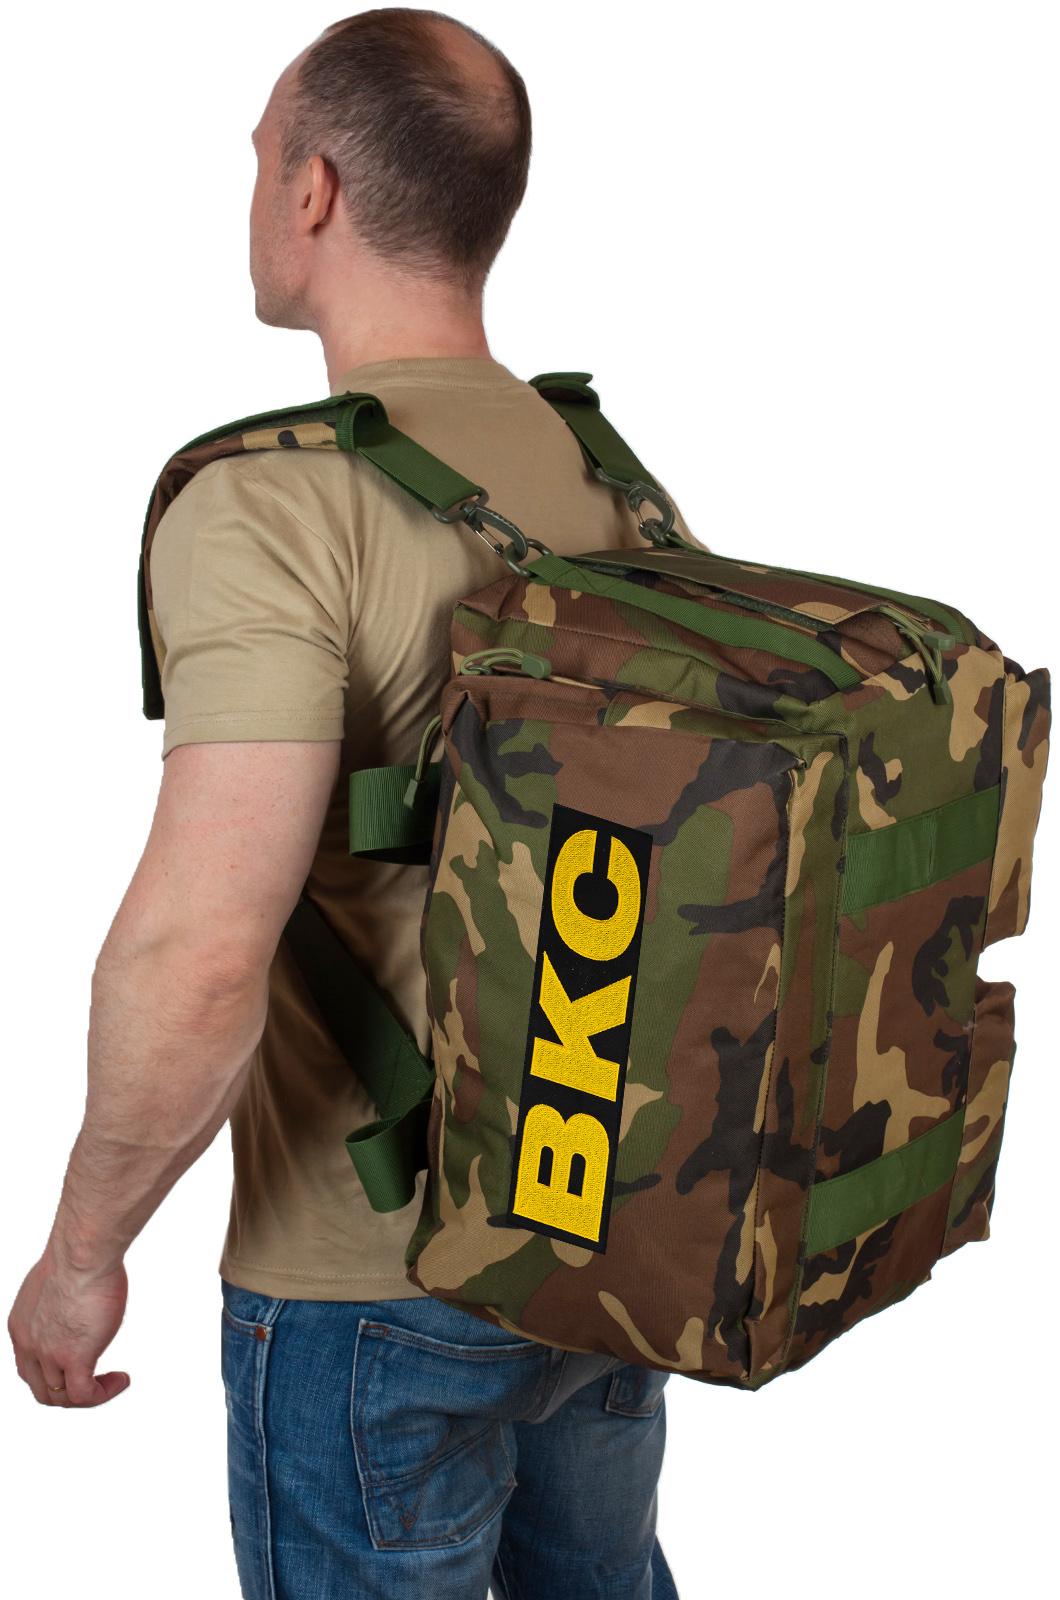 Купить военную дорожную сумку с нашивкой ВКС по выгодной цене